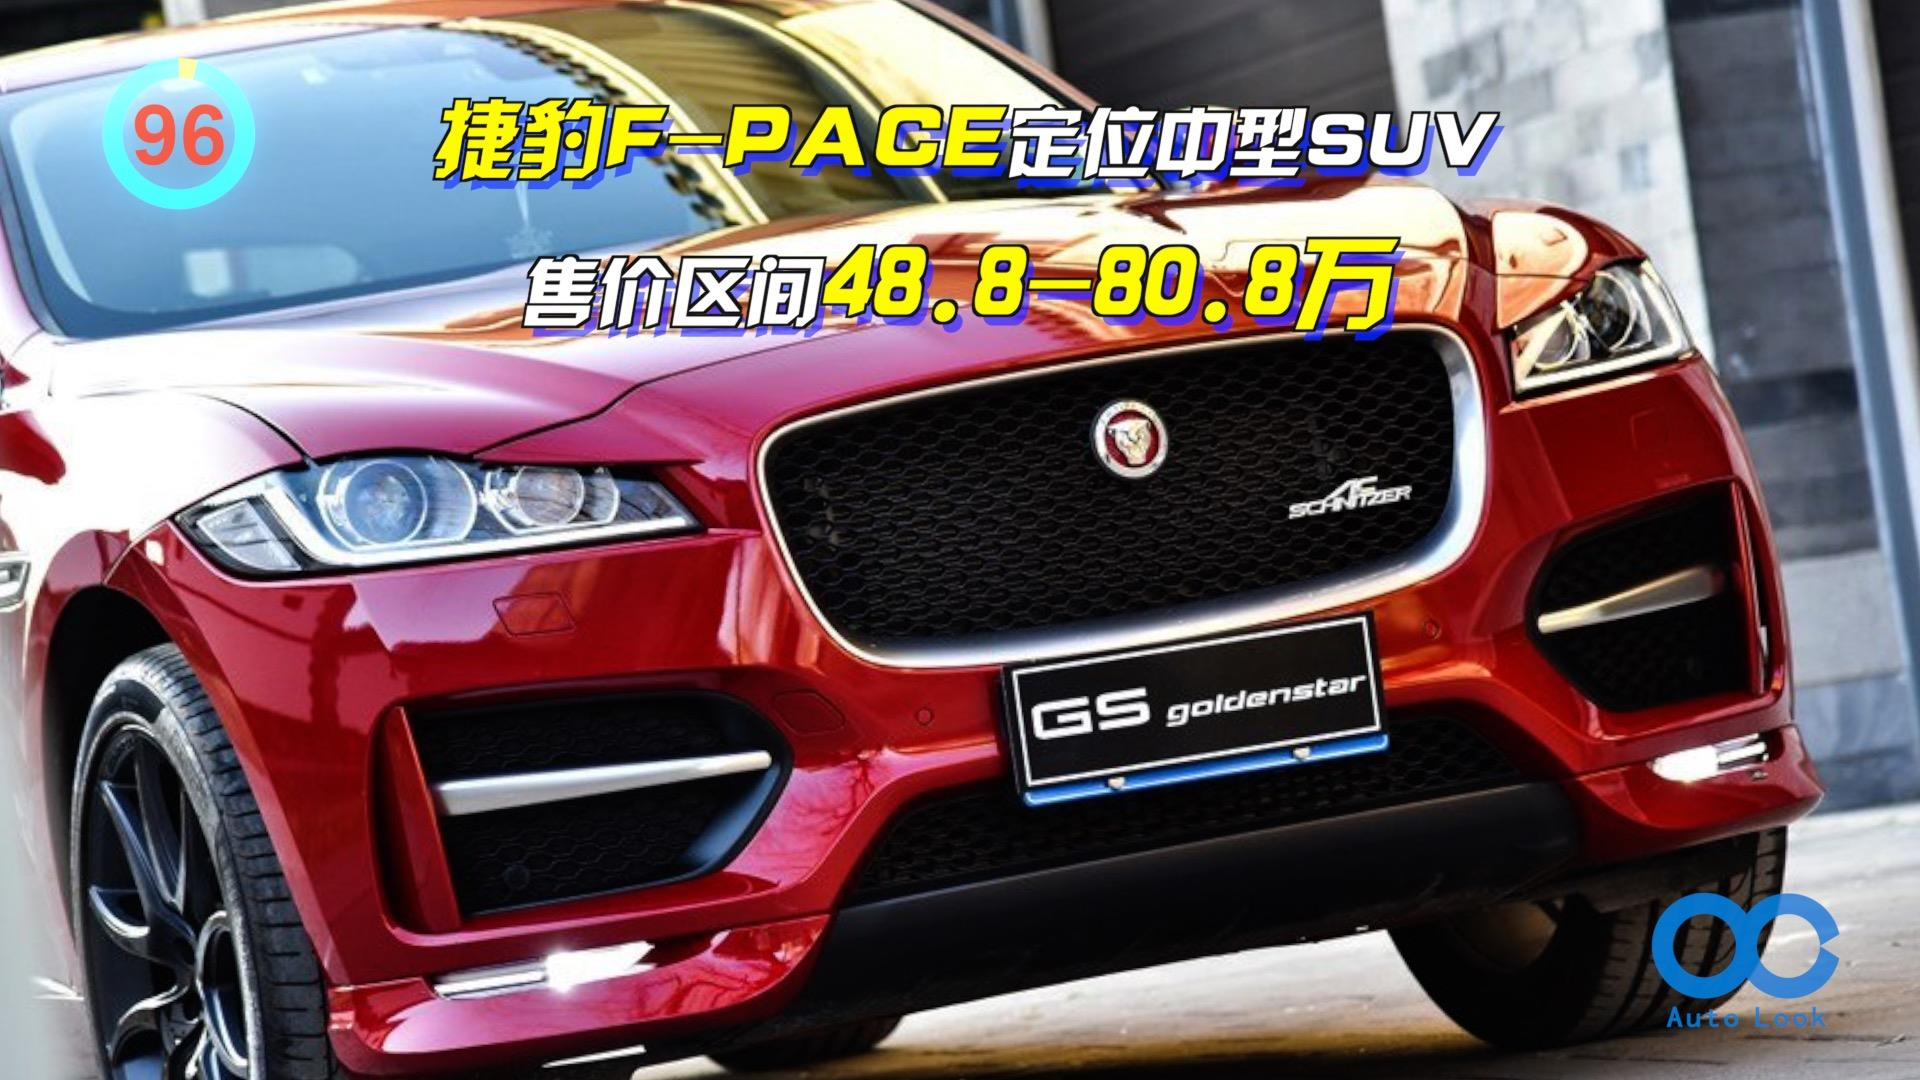 「百秒看车」捷豹F-PACE 捷豹唯一进口SUV